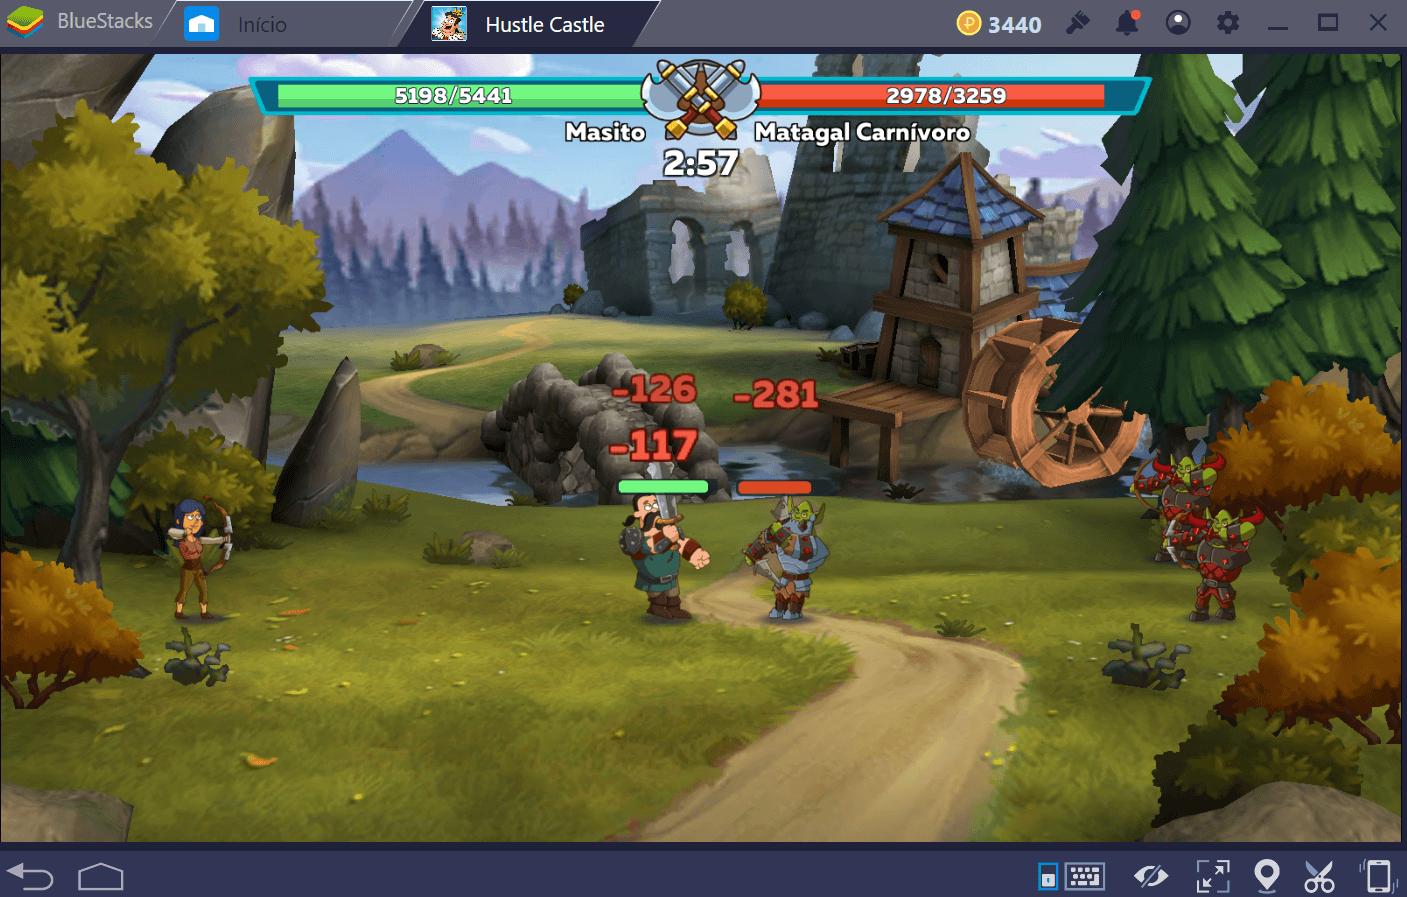 Guia de Batalha em Hustle Castle: Vida do Castelo